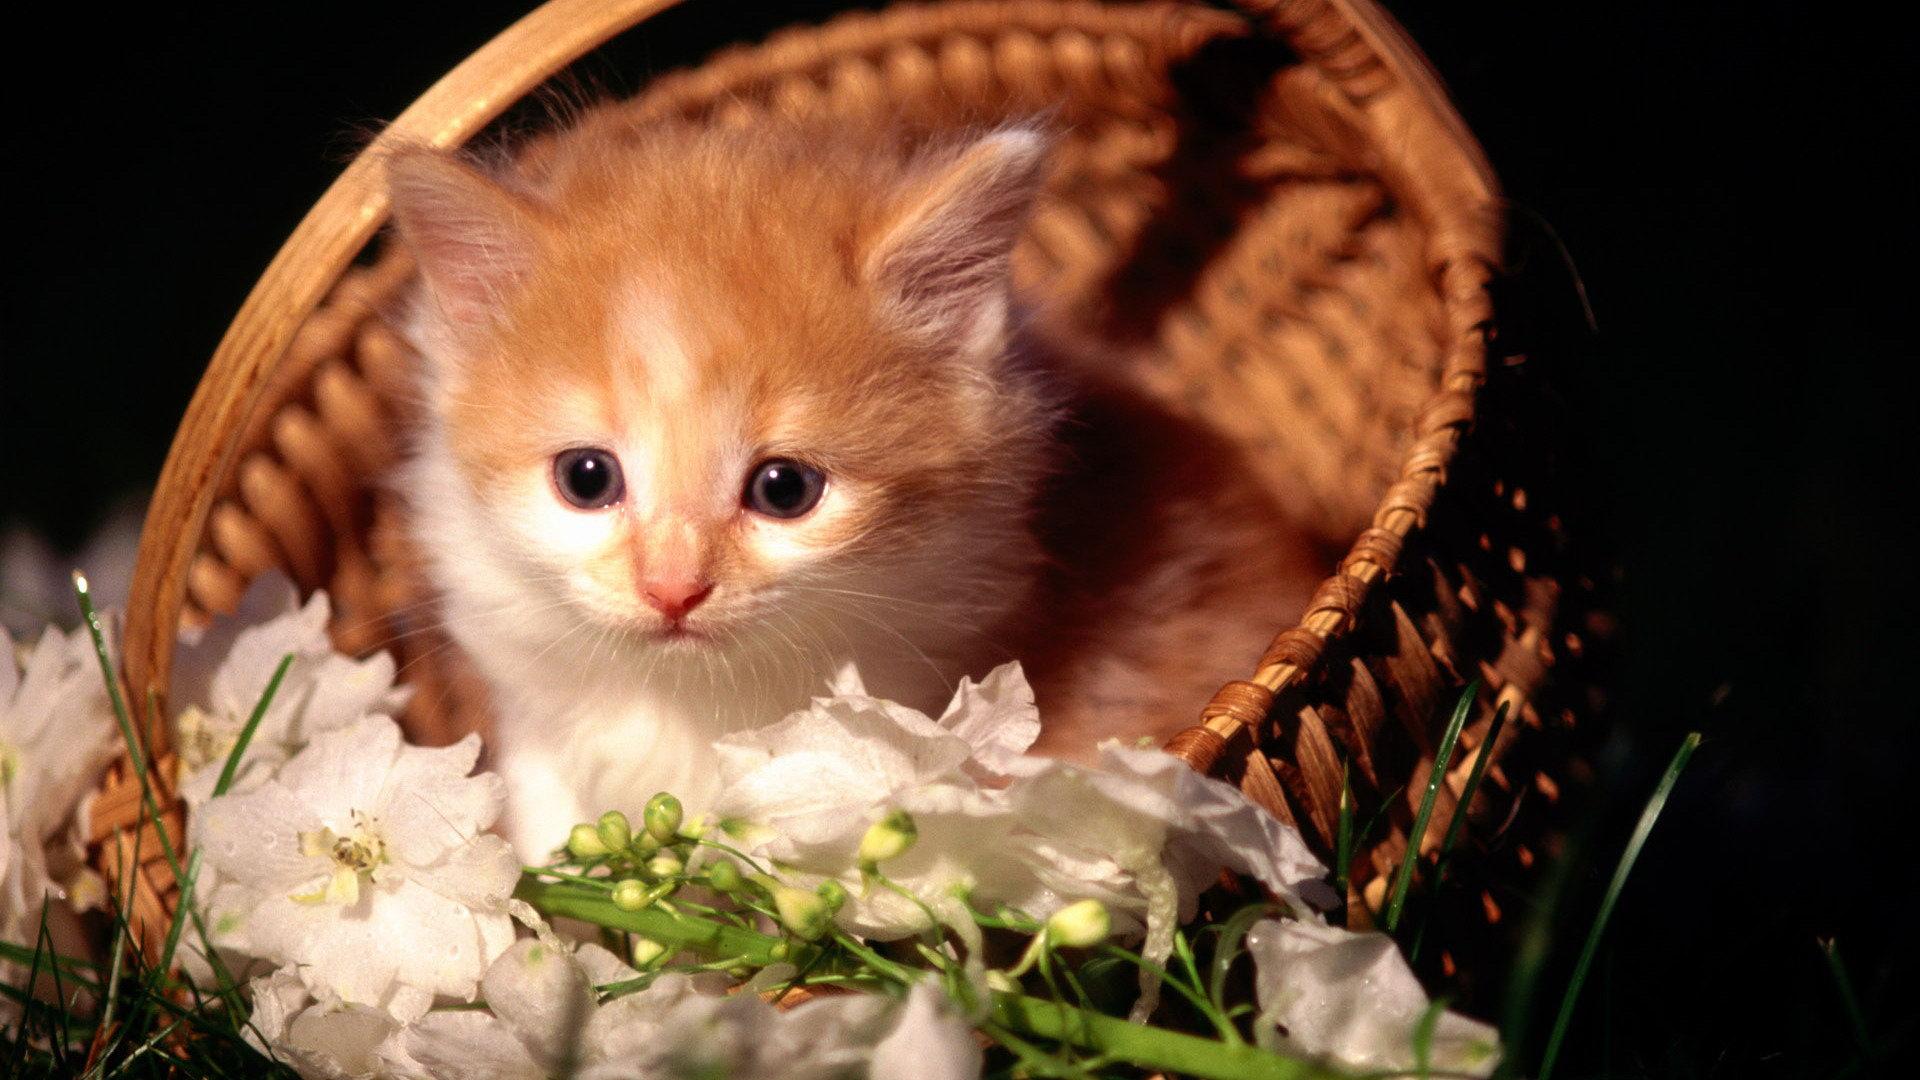 Cute kittens #11